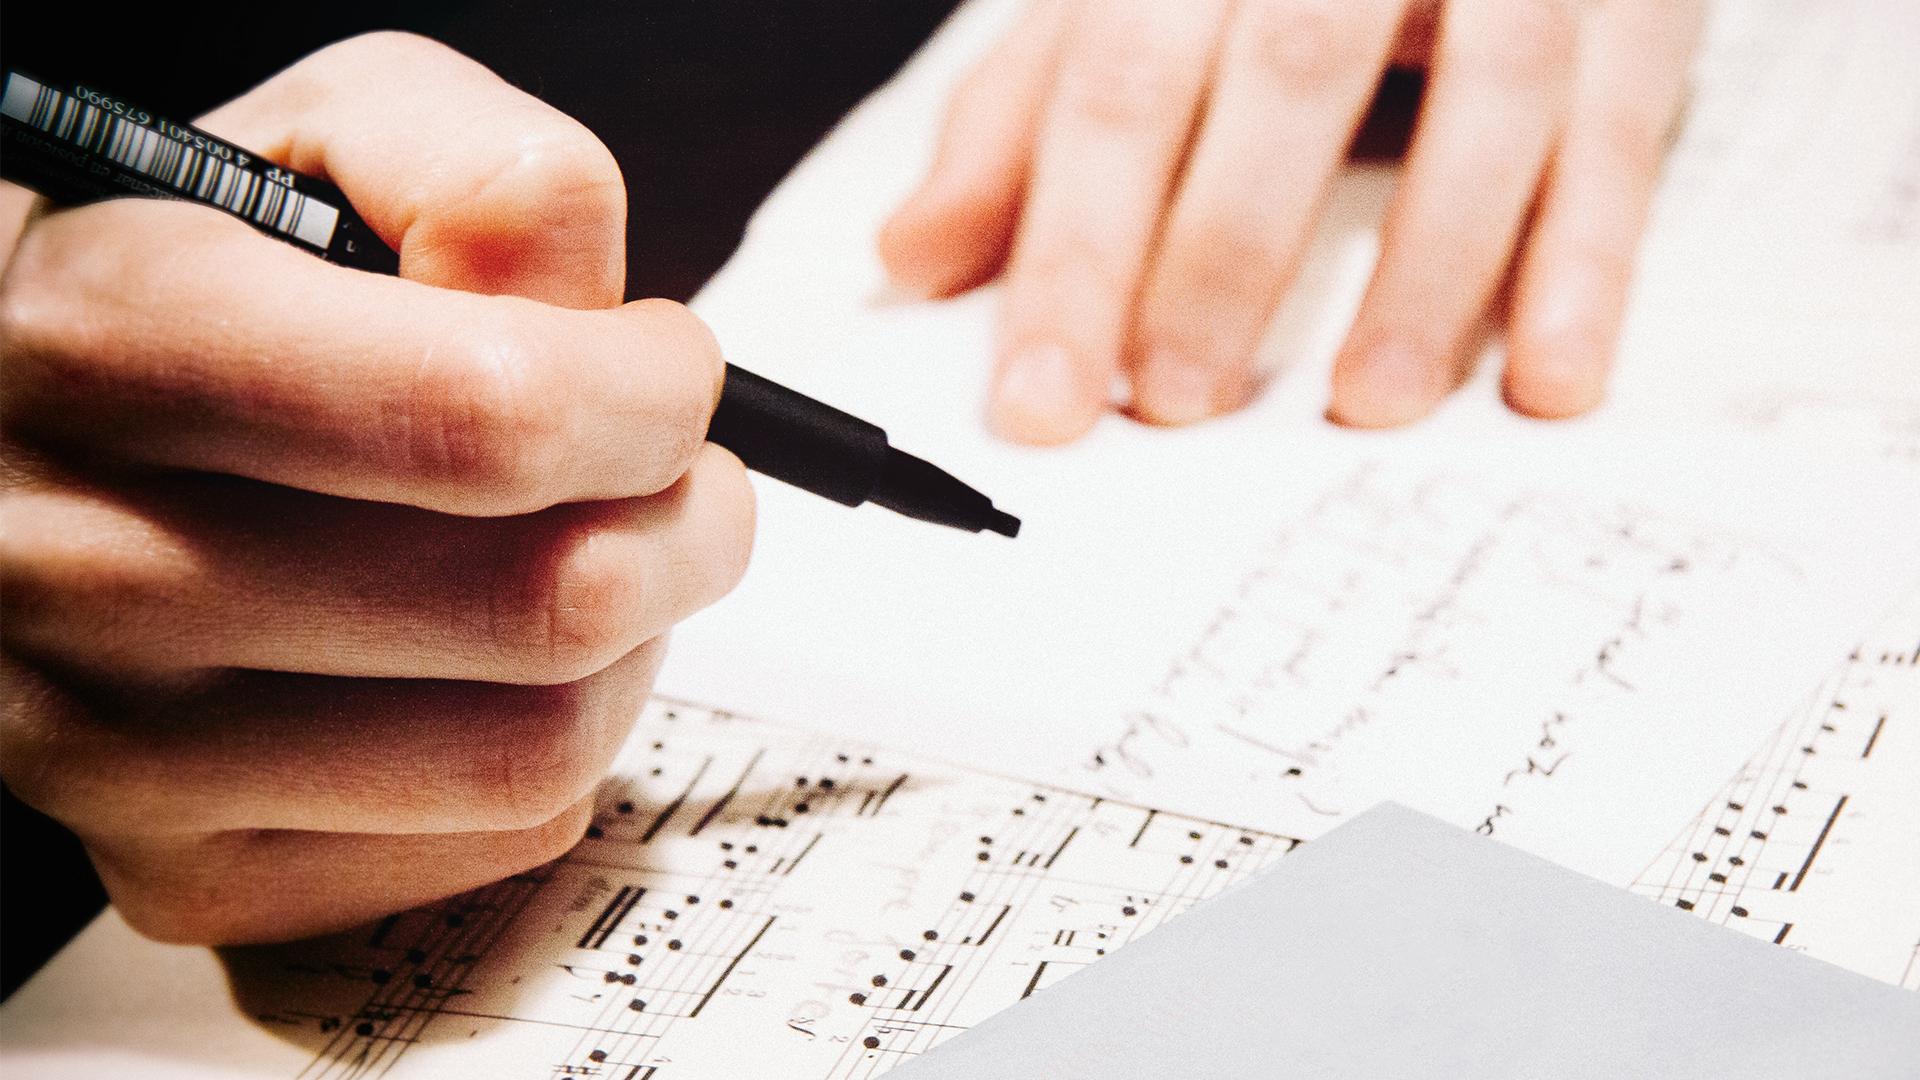 Jahre zu text gehn vier ende lied Abschiedslieder grundschule